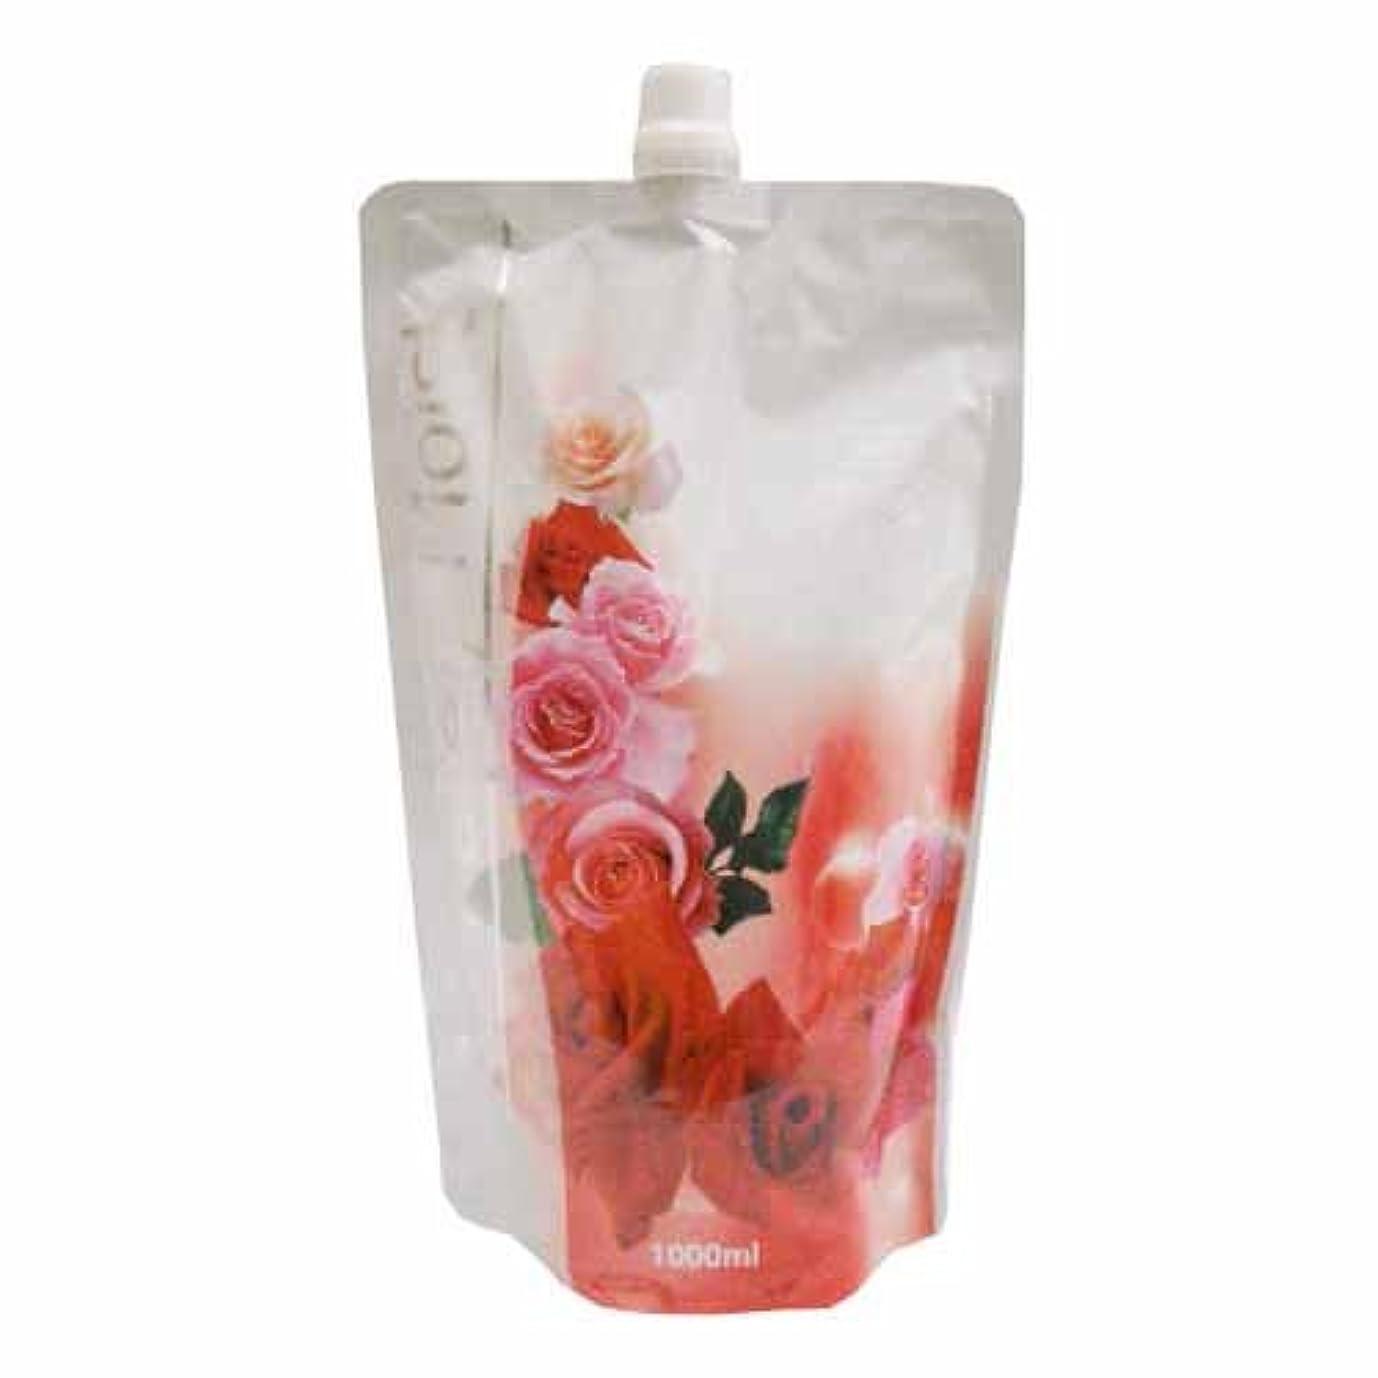 美容師甘い実質的コーナンオリジナル Purely Moist ボディソープ ブルガリアンローズの香り つめかえ用 1000ml